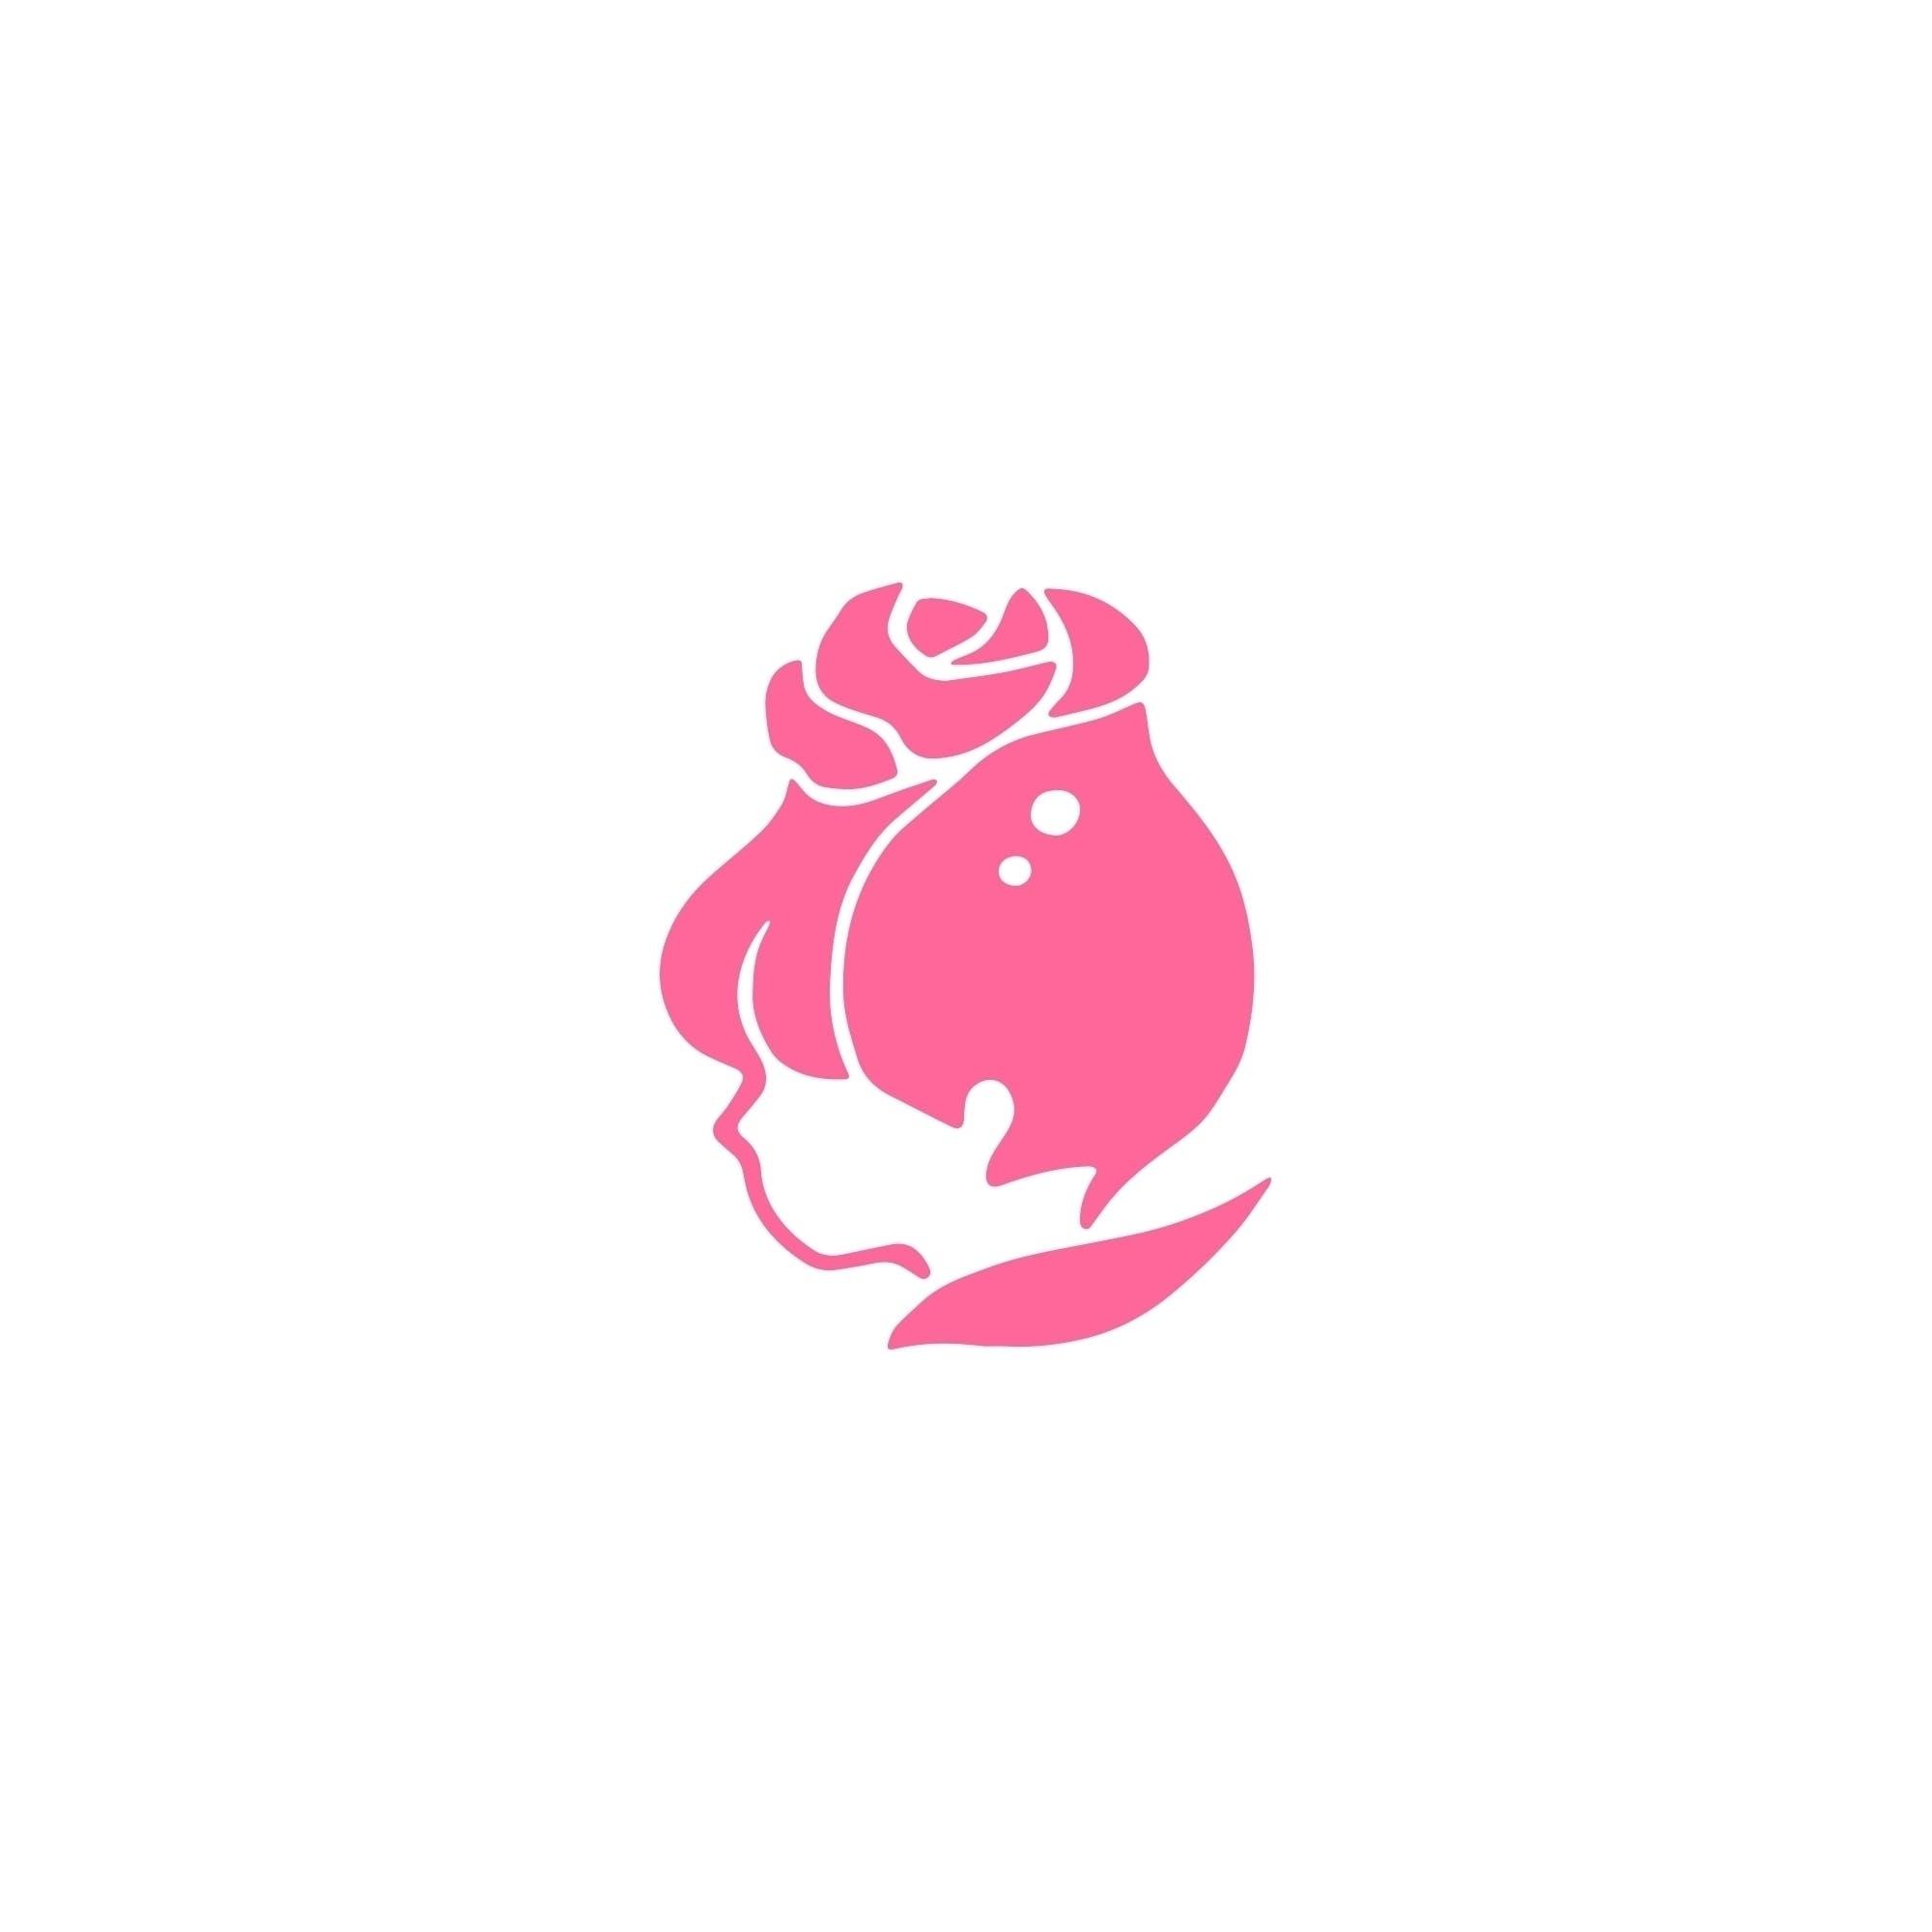 ロゴ完成版 180916 0020